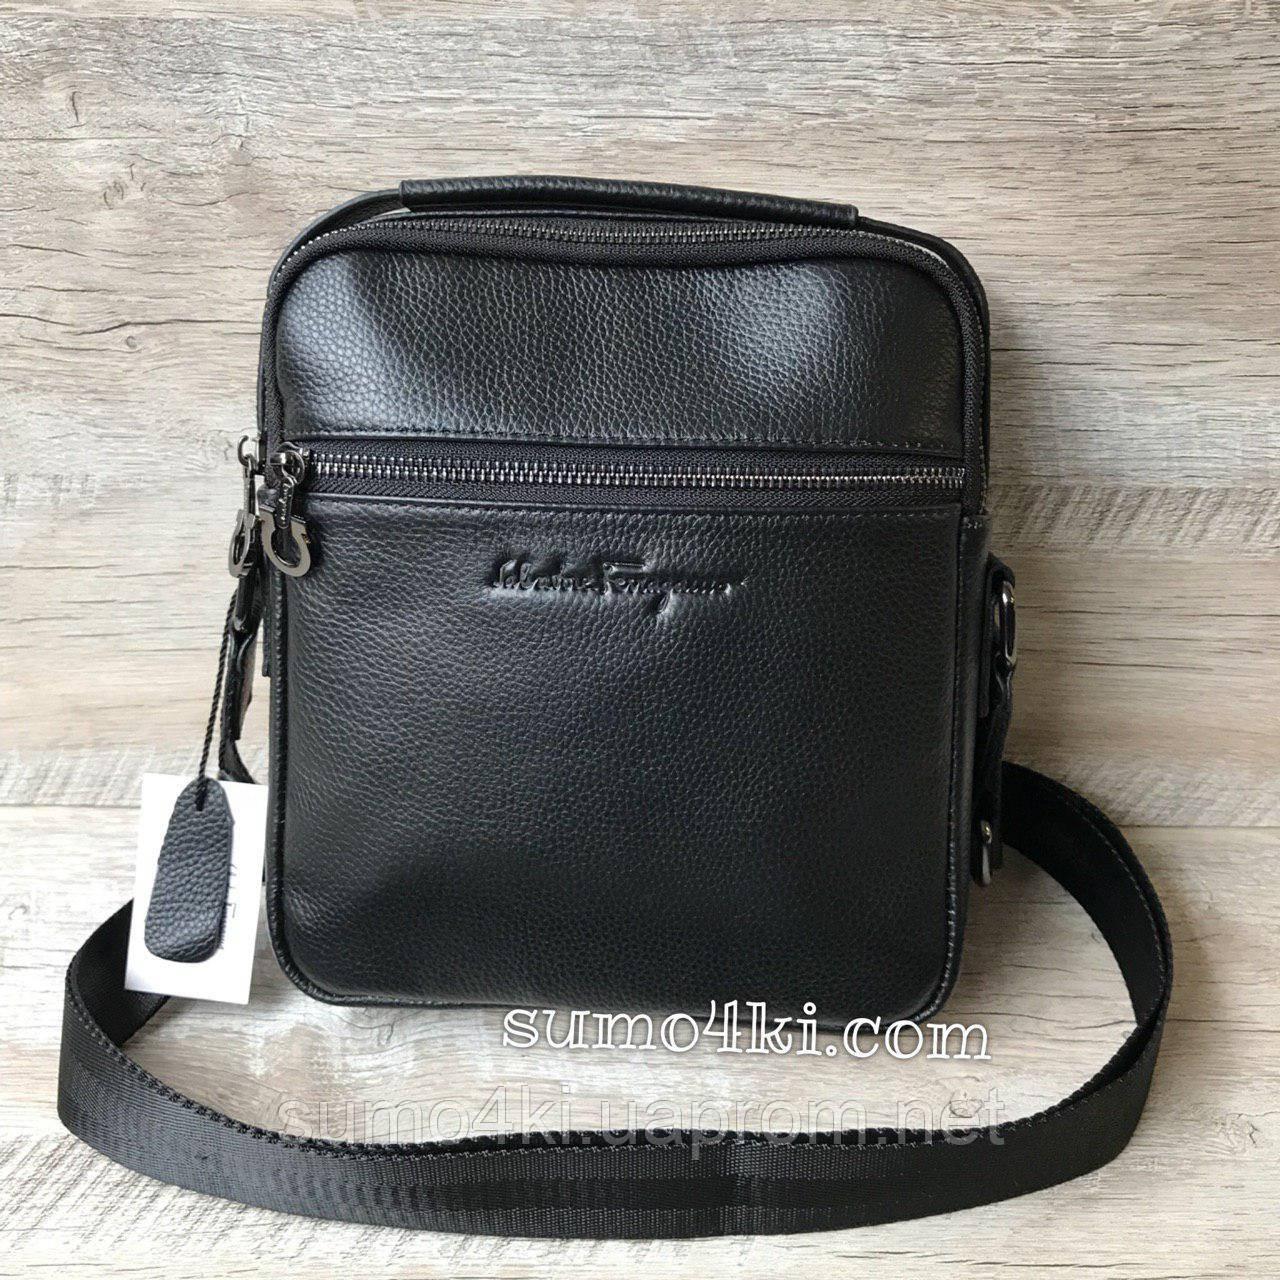 67530d1d4adf Мужская сумка-барсетка Salvatore Ferragamo - Интернет-магазин «Галерея  Сумок» в Одессе